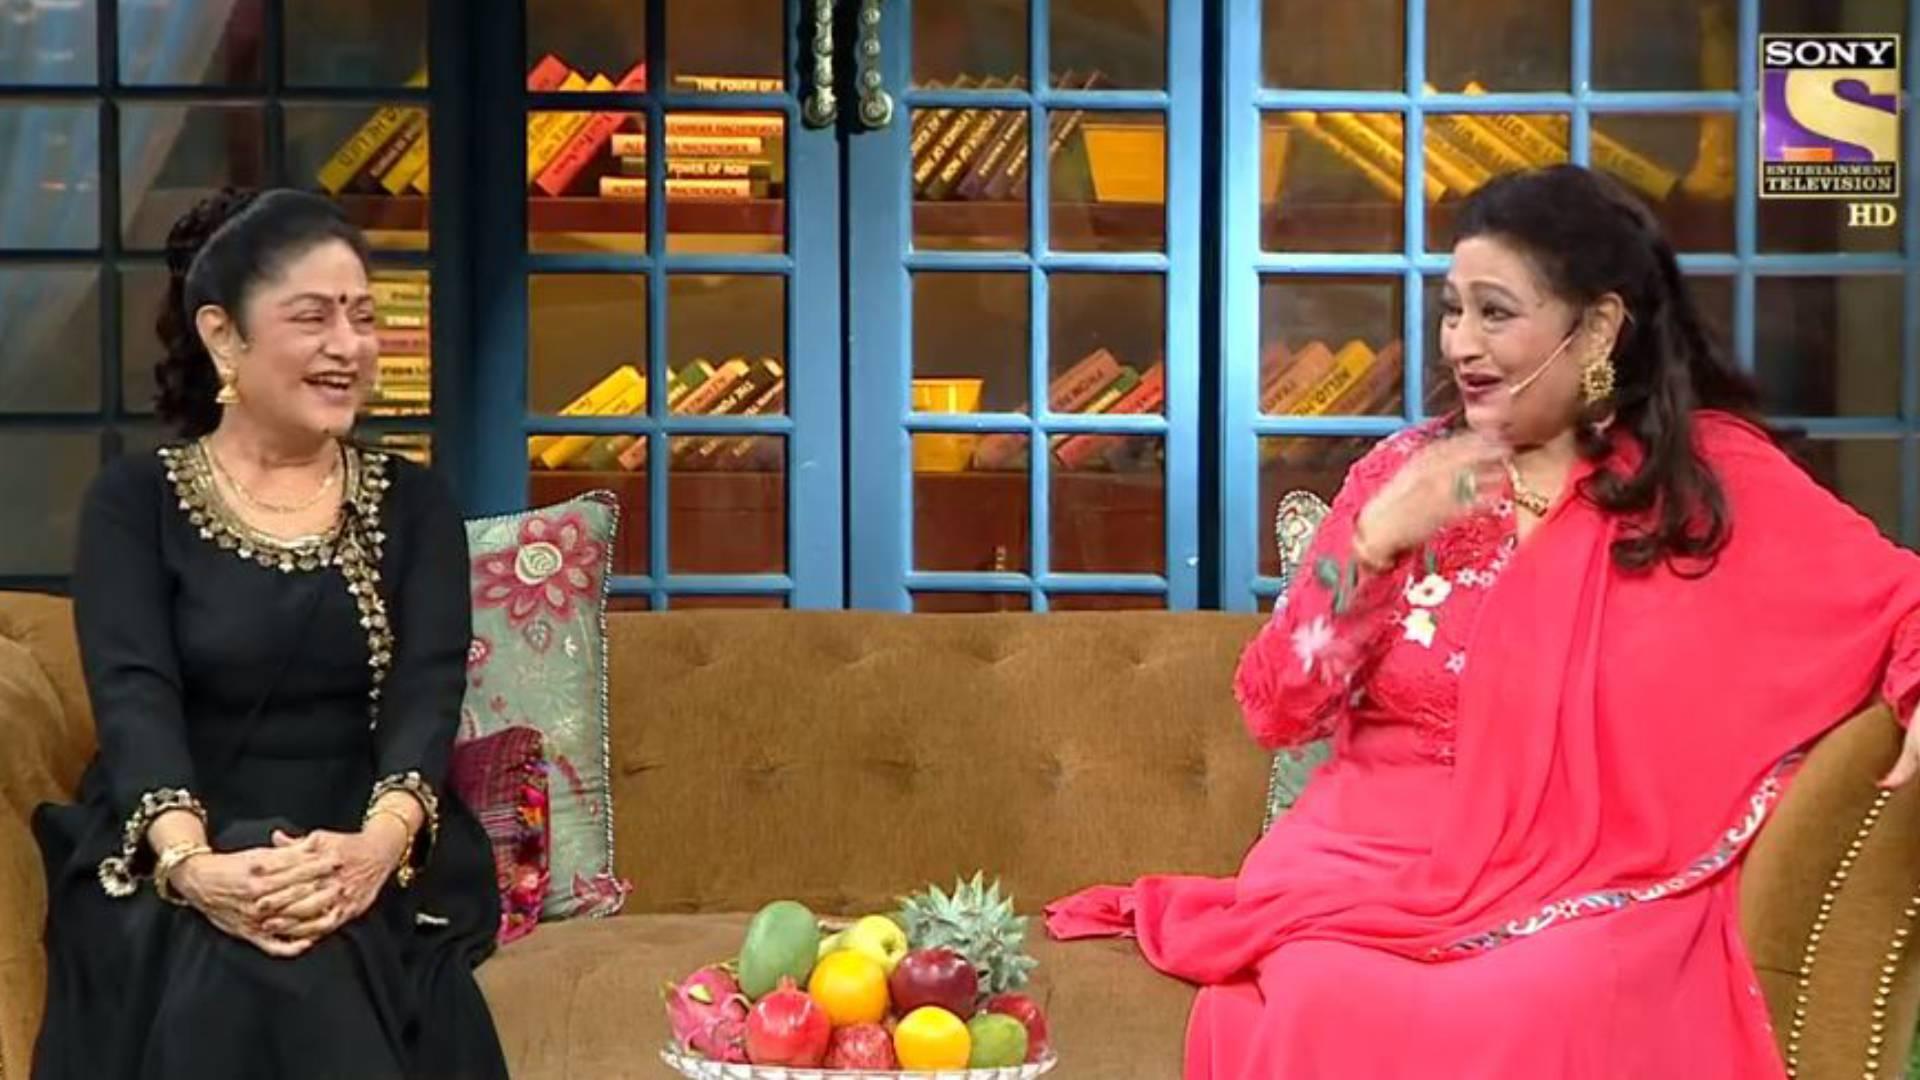 The Kapil Sharma Show: अरुणा ईरानी ने कपिल शर्मा के शो में किए कई खुलासे, बताई पुराने दिनों की दास्तां